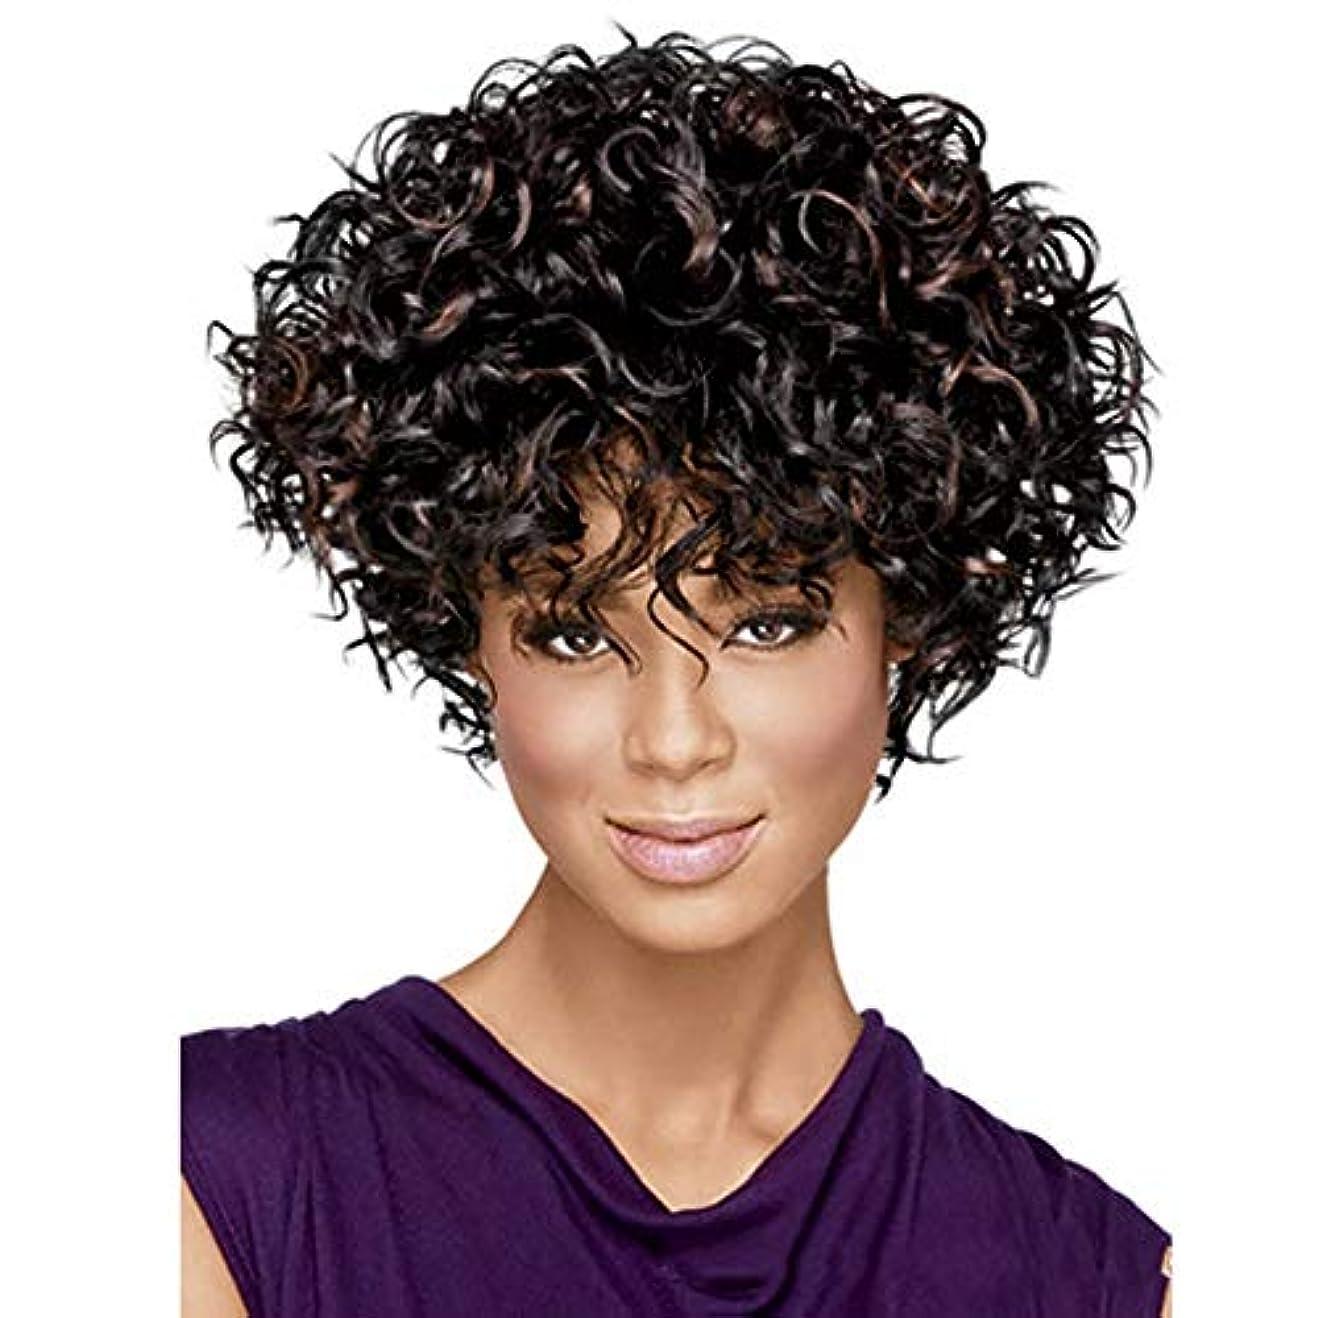 机役割聴くYOUQIU 女性の自然な人工毛かつら用ショートボブウィッグ6